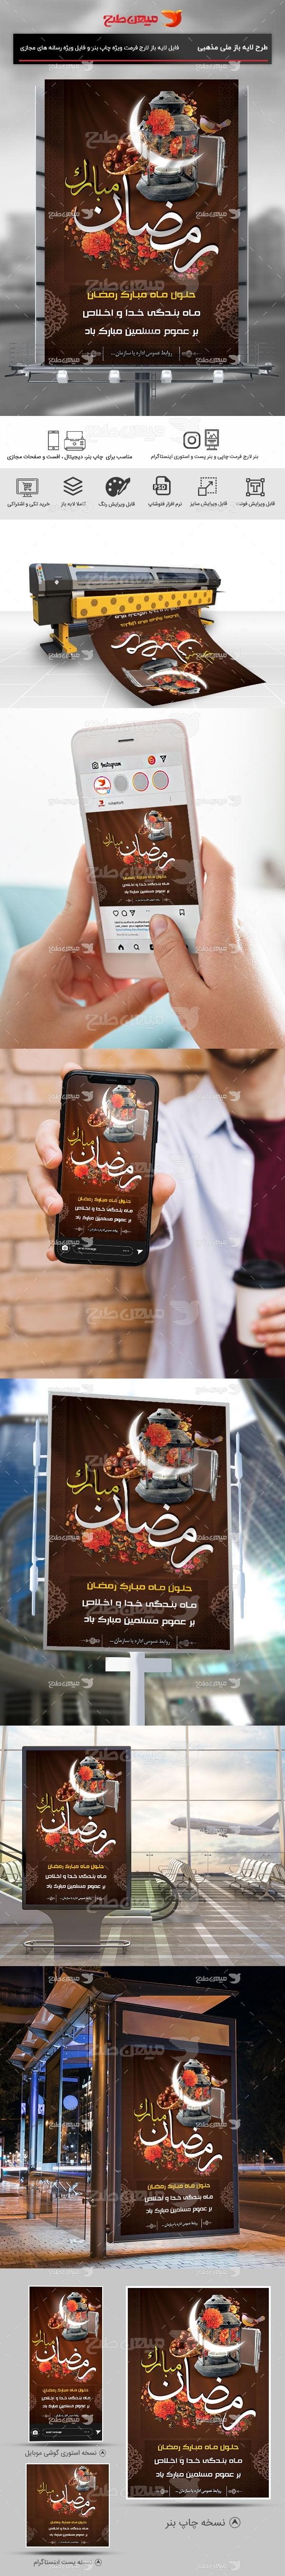 طرح لایه باز بنر و اینستاگرام ماه رمضان